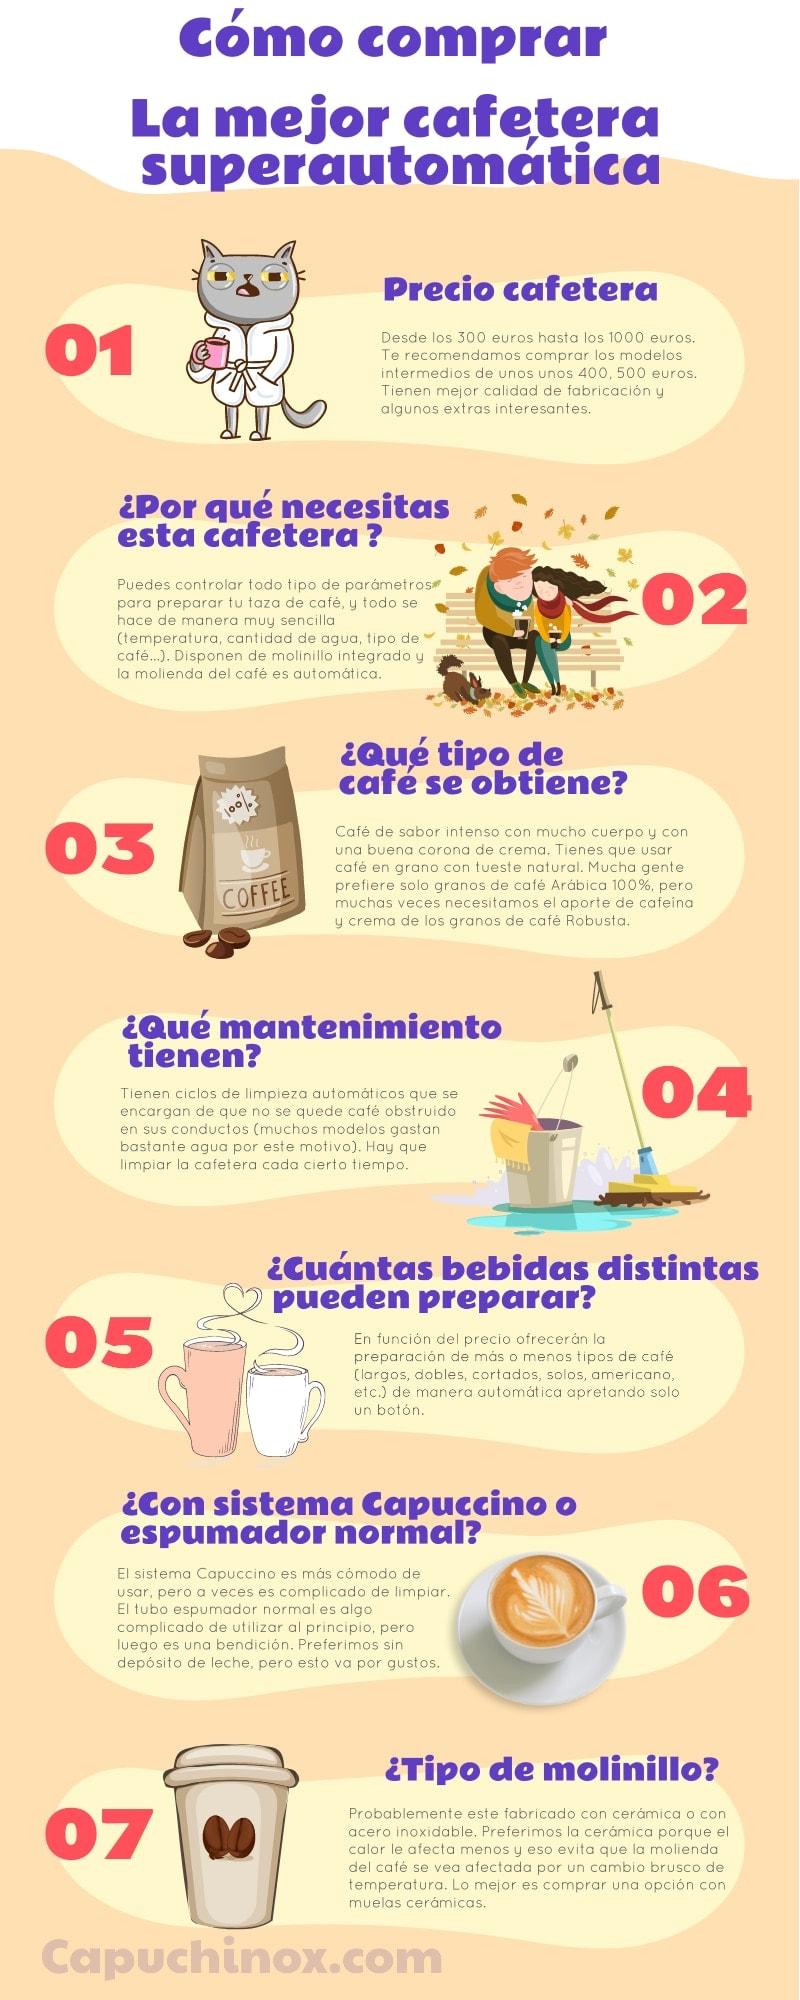 Las mejores cafeteras superautomáticas: guía de compra infografia